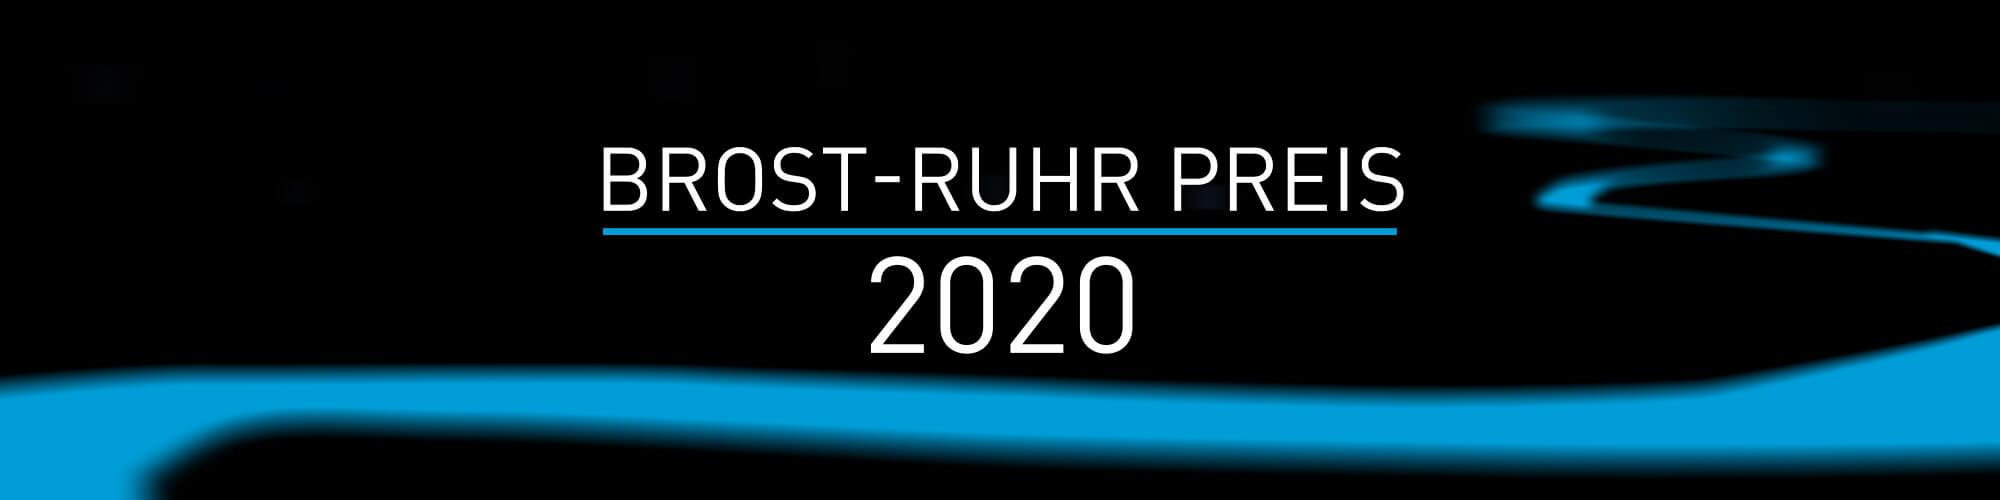 Brost-Ruhr Preis 2020 Still 2000x500